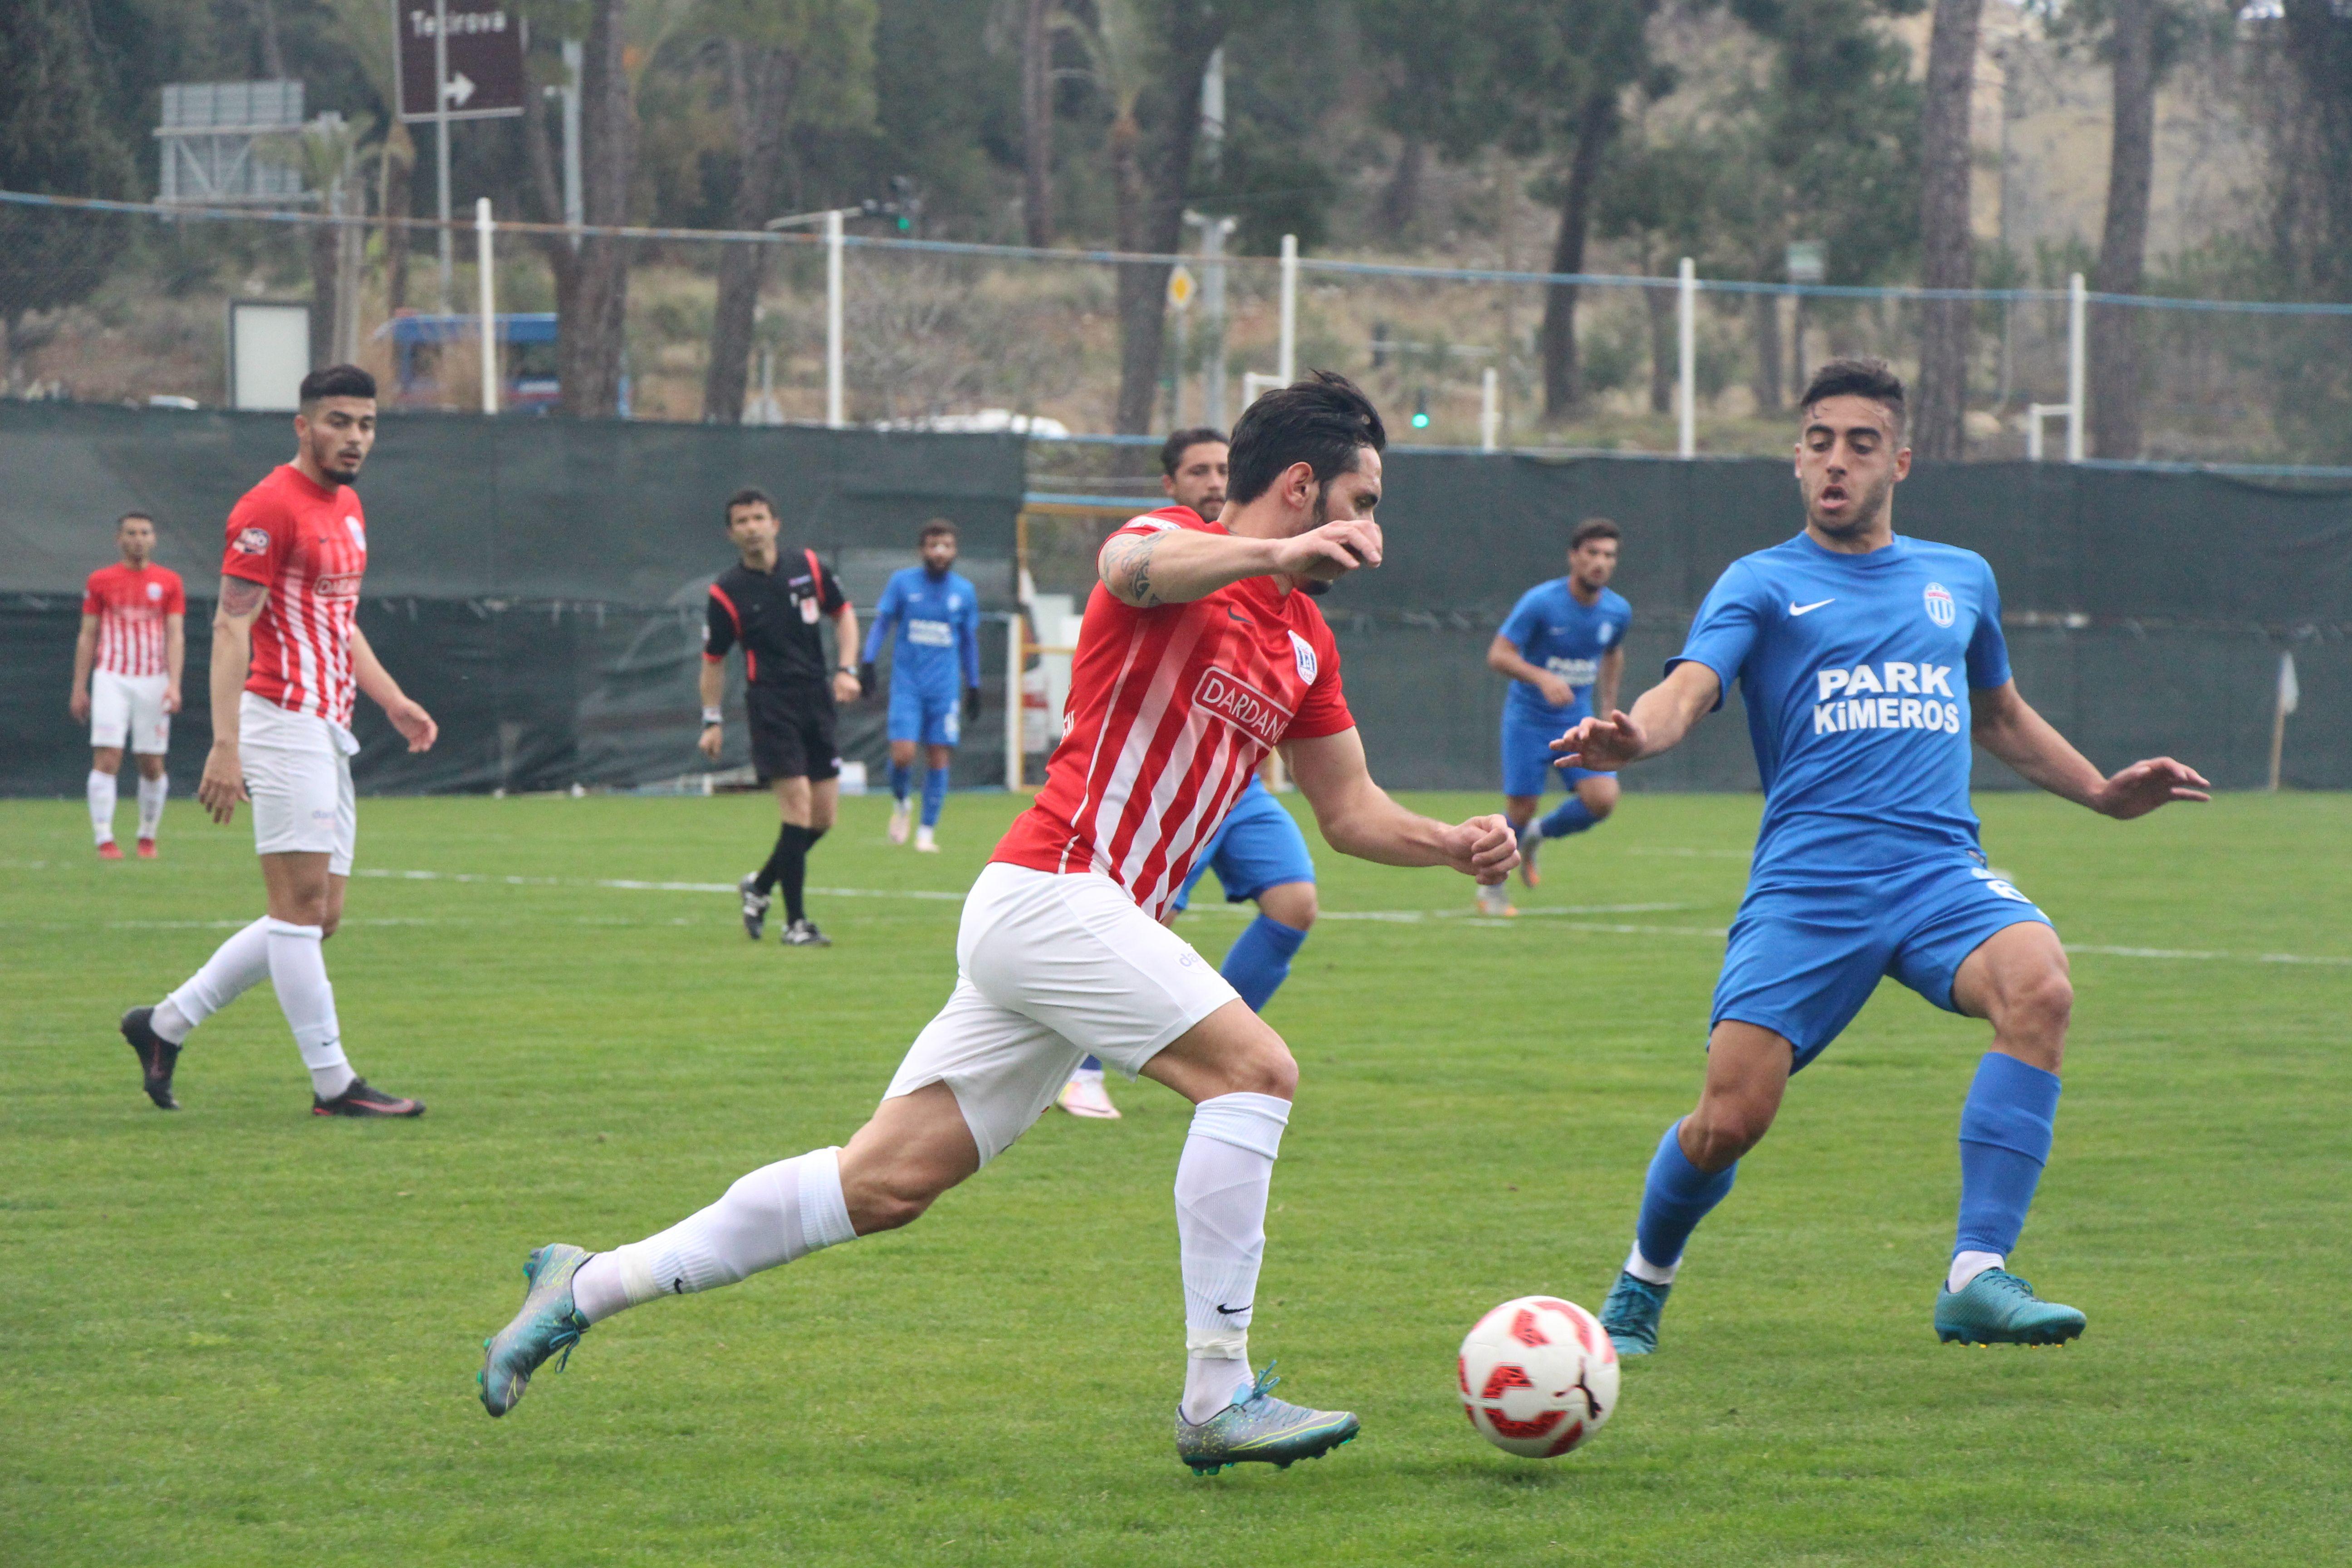 Kemerspor 2003 Sağanak Yağmurda gol oldu yağdı 4-1